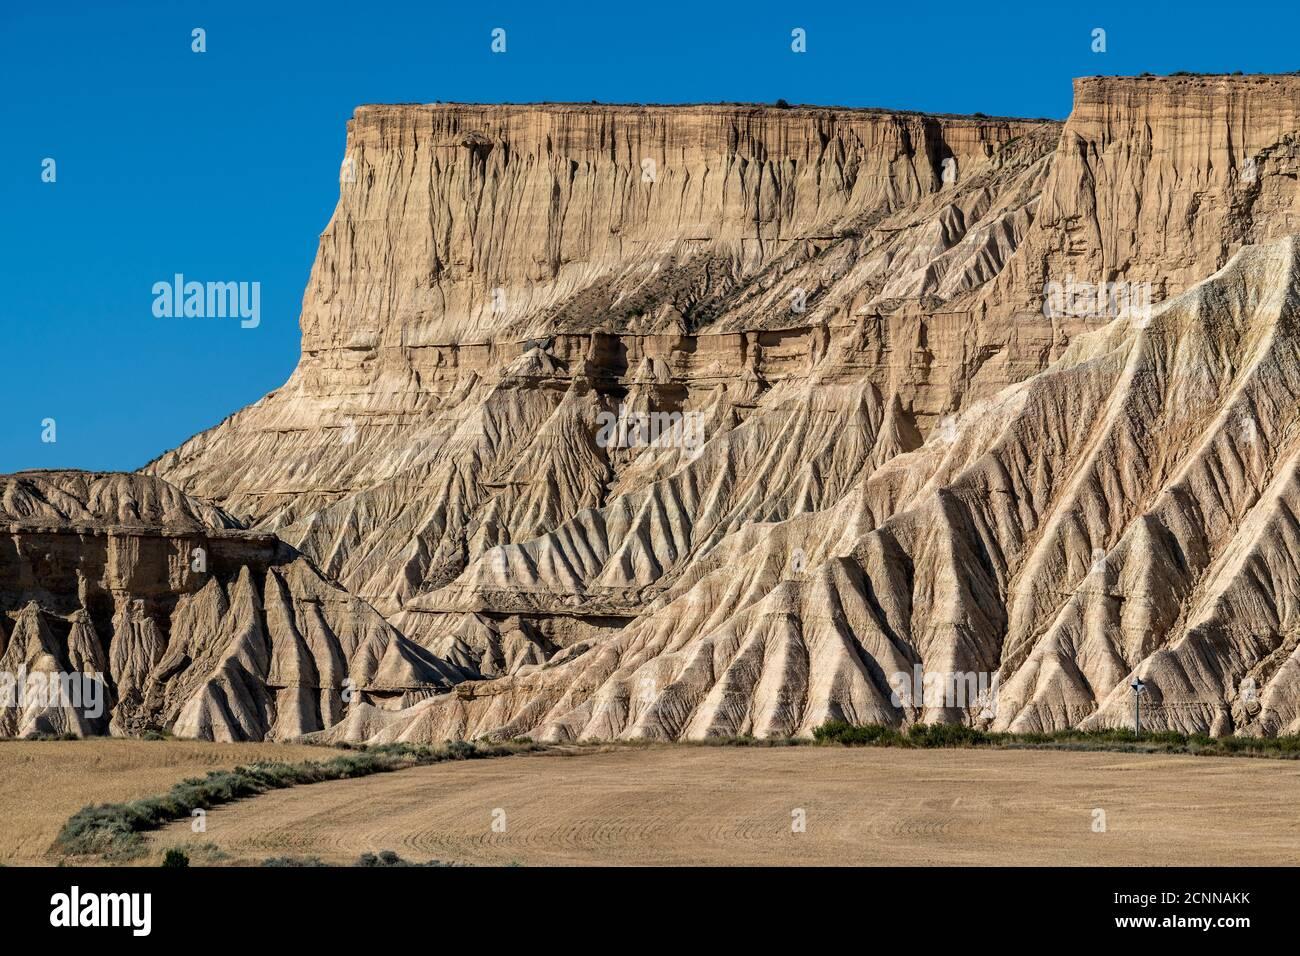 Formaciones rocosas, Bardenas reales, Navarra, España Foto de stock